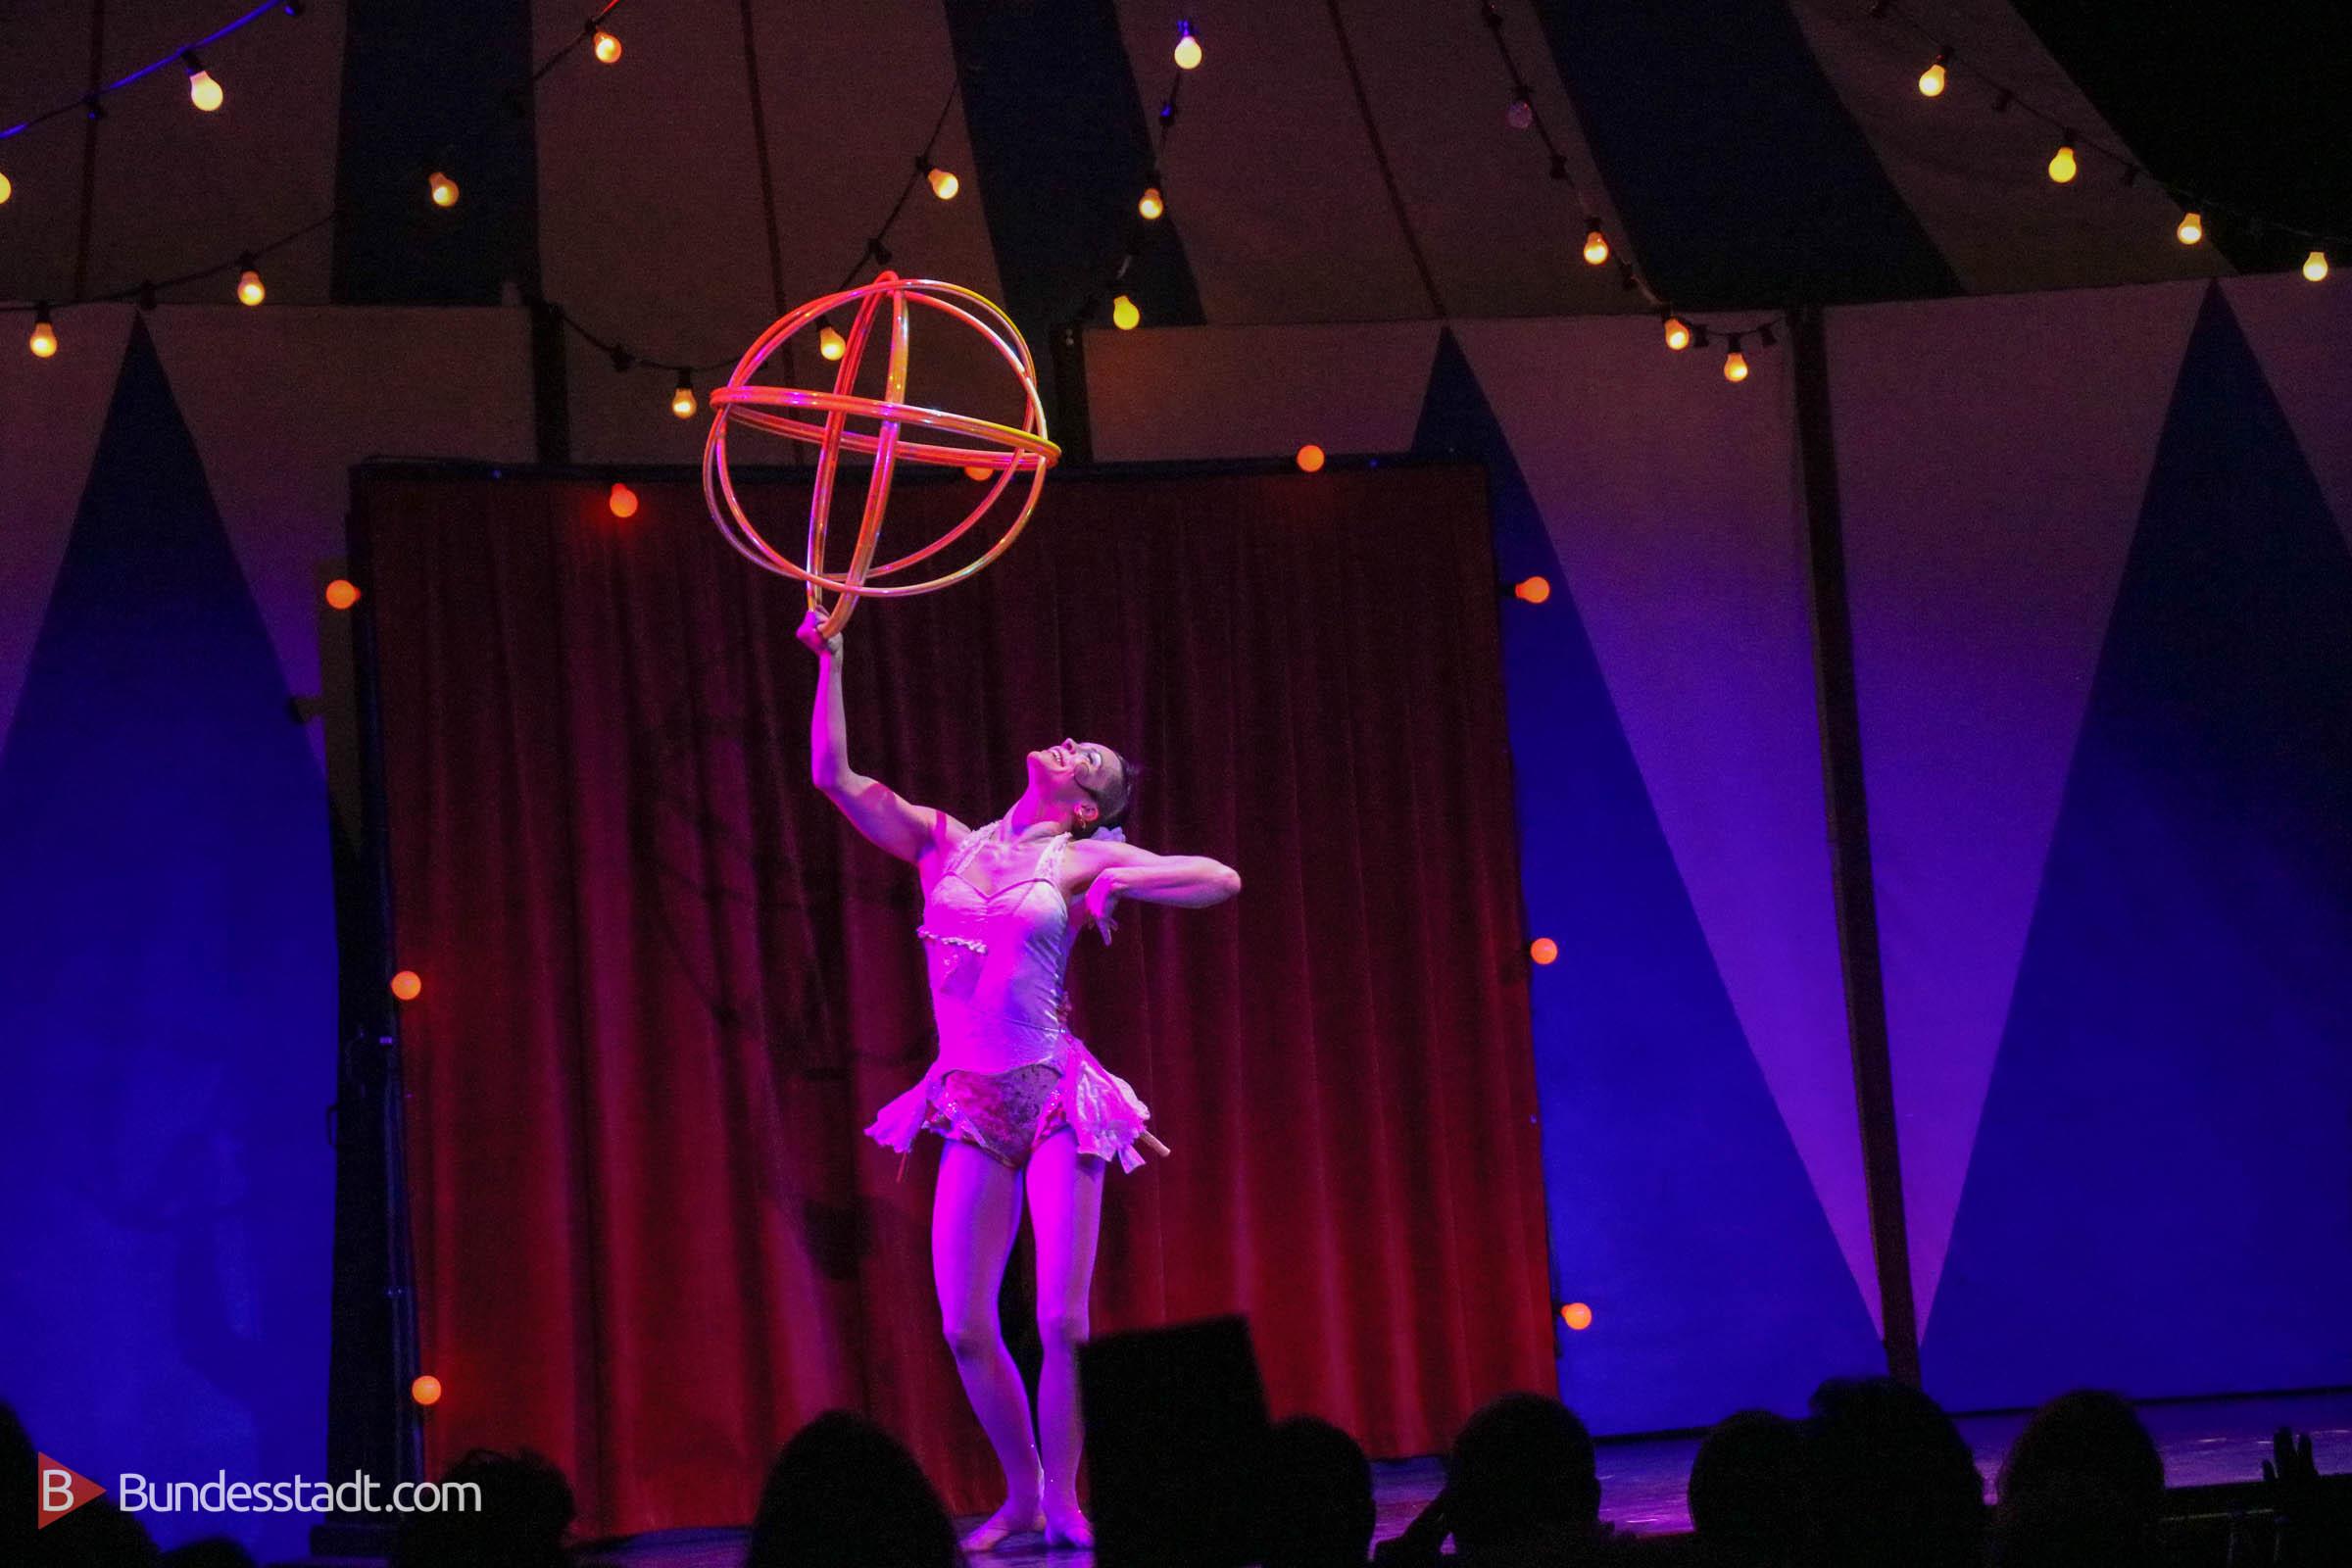 Mit Hula-Hoop-Reifen geformte Kugel steht die Artistin da wie der Preis Emmy